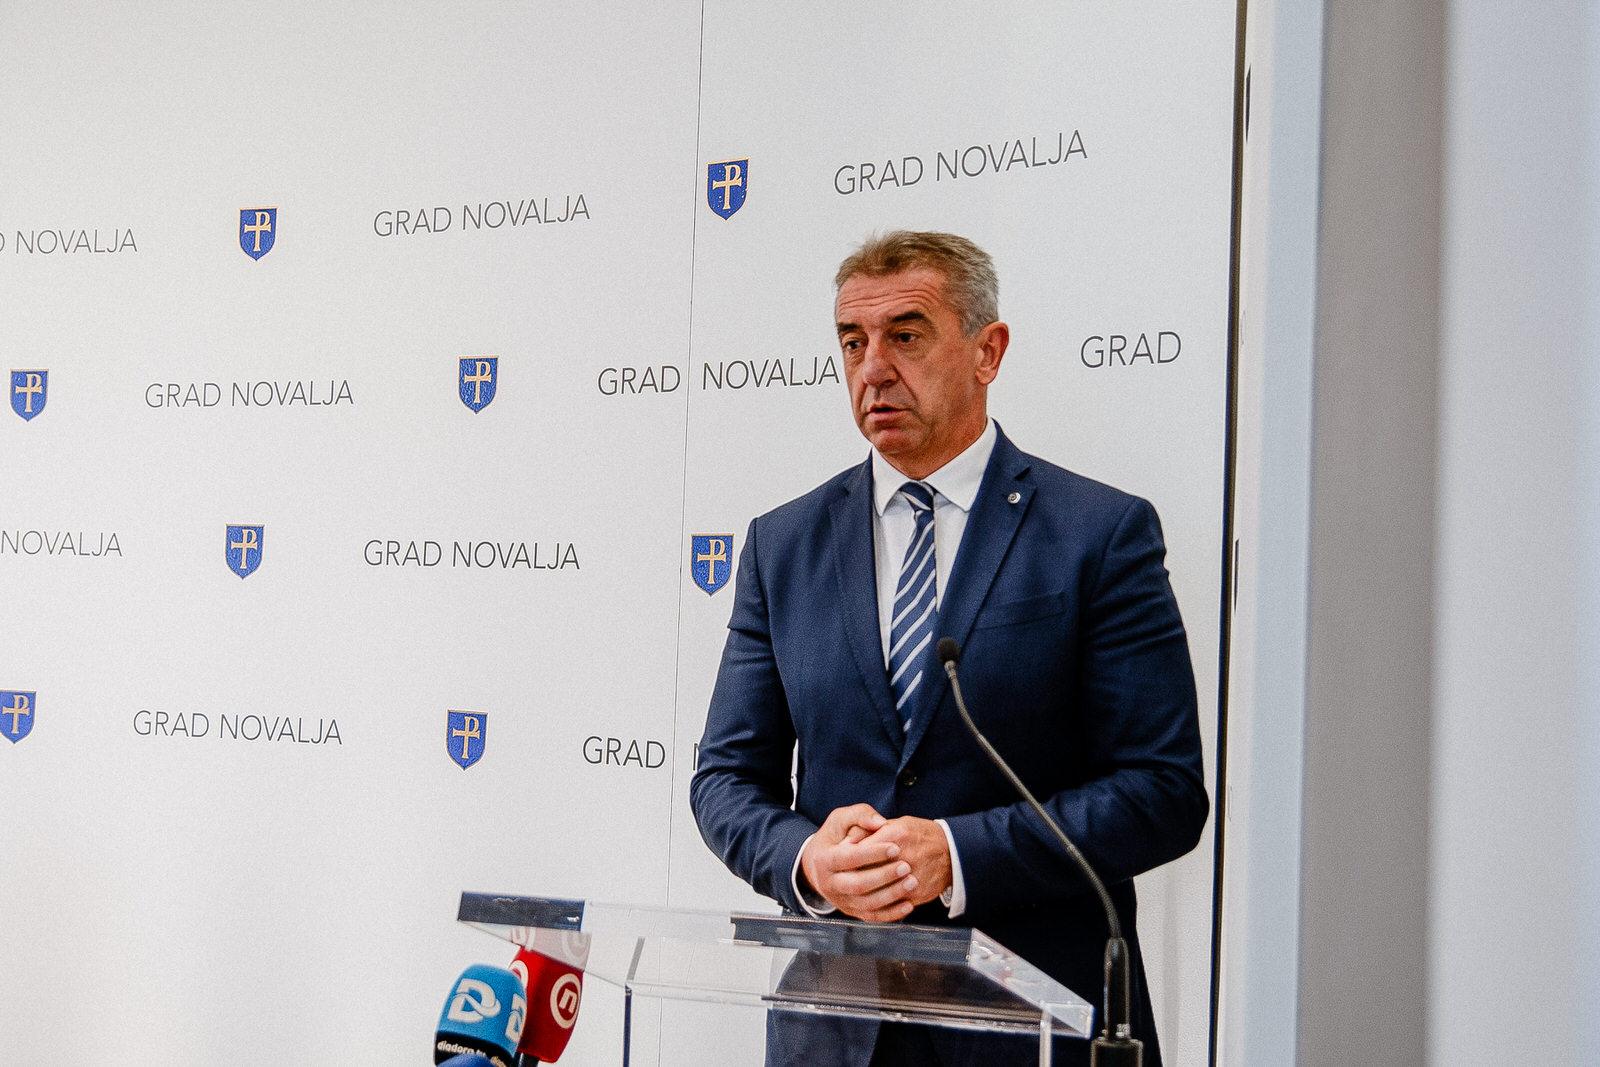 likaclub_novalja_potpisivanje-ugovora-žigljen_2019-14